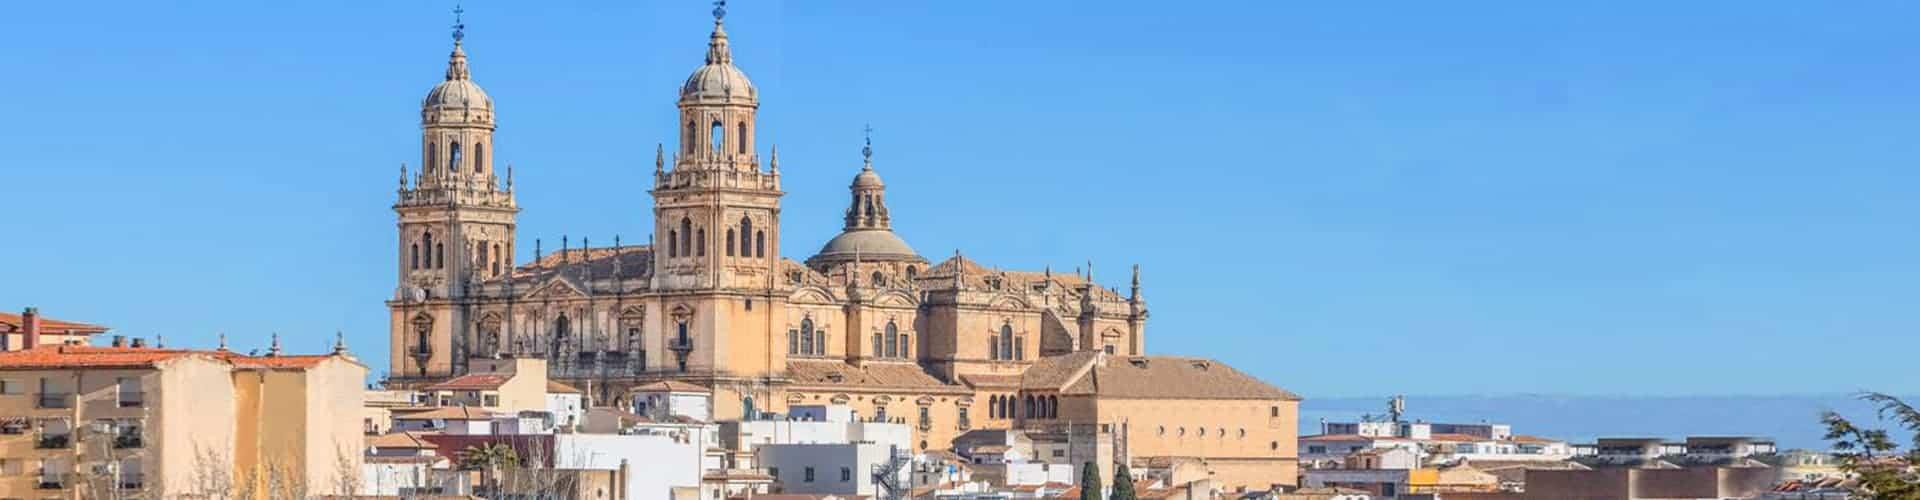 Free Tour Jaén - Turismo España